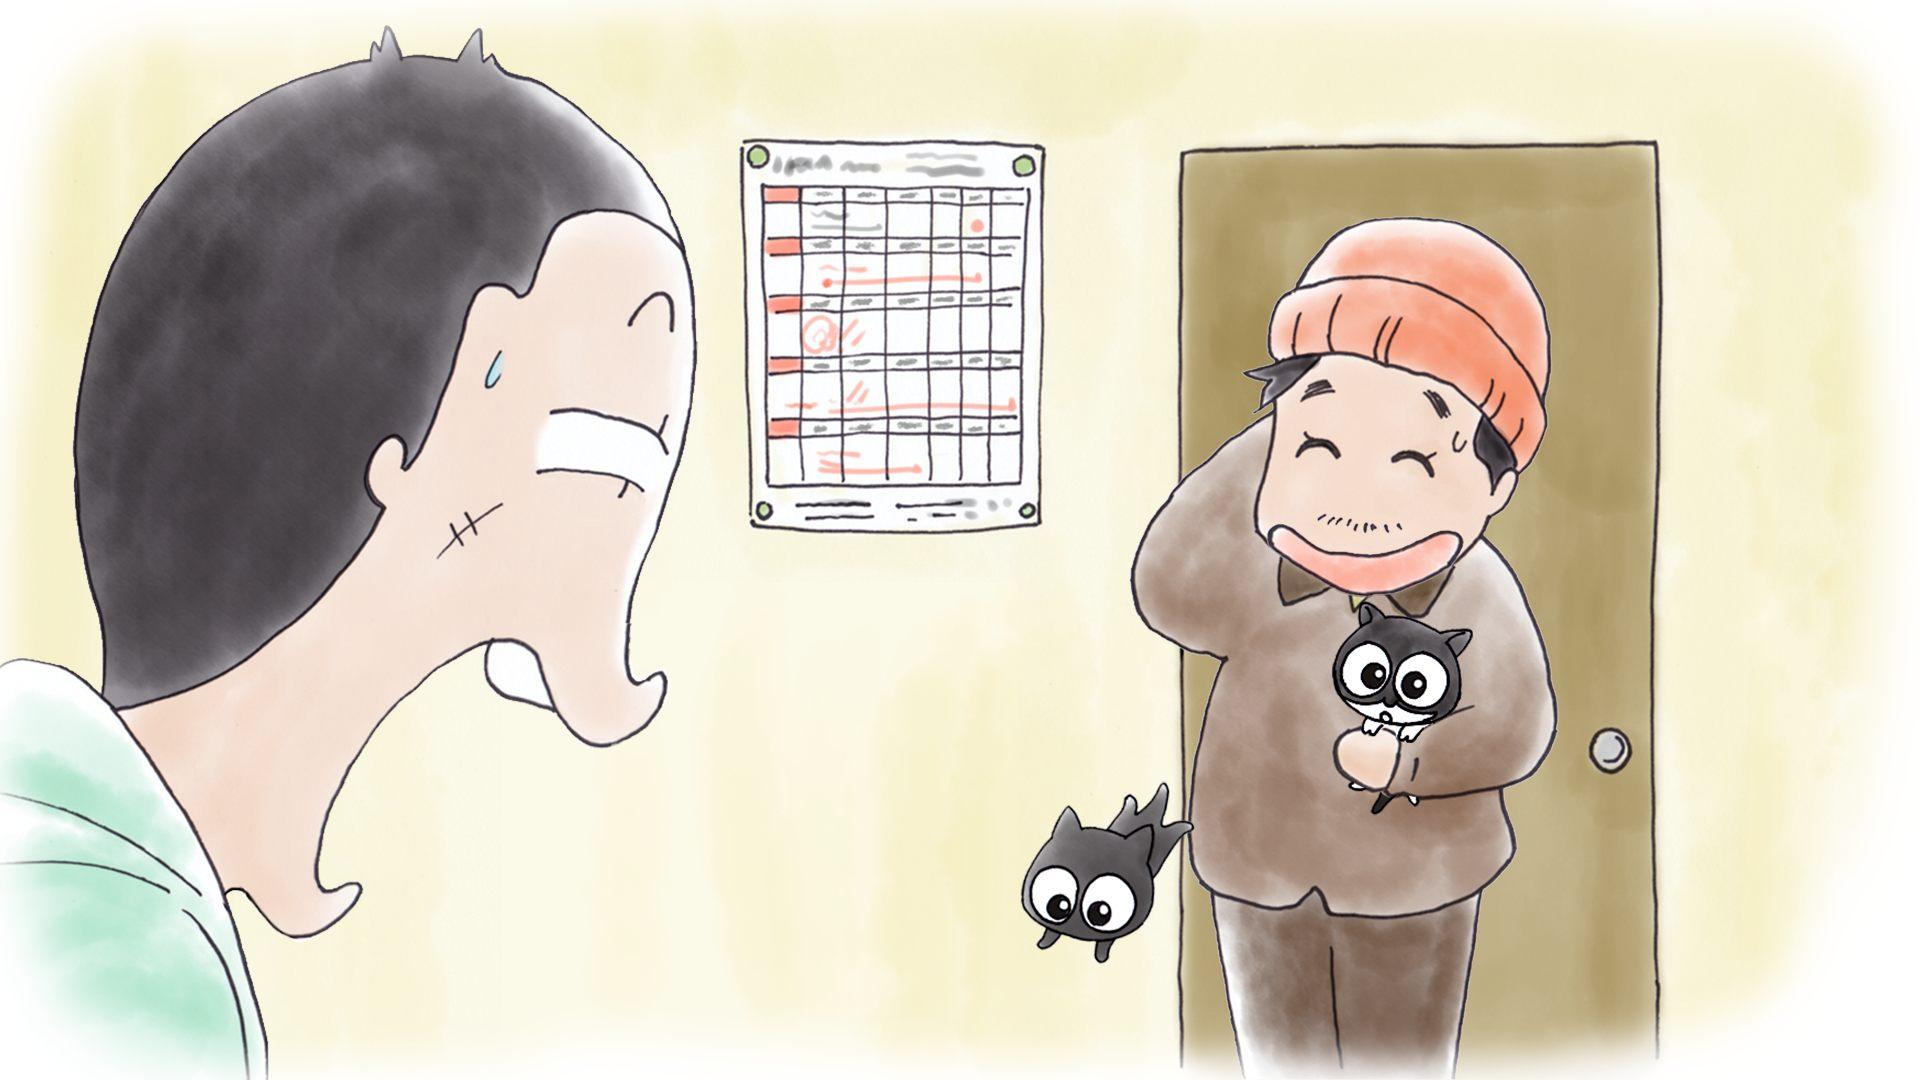 実話を元にした泣ける猫作品『猫なんかよんでも来ない。』、アニメ版10月2日よりスタート